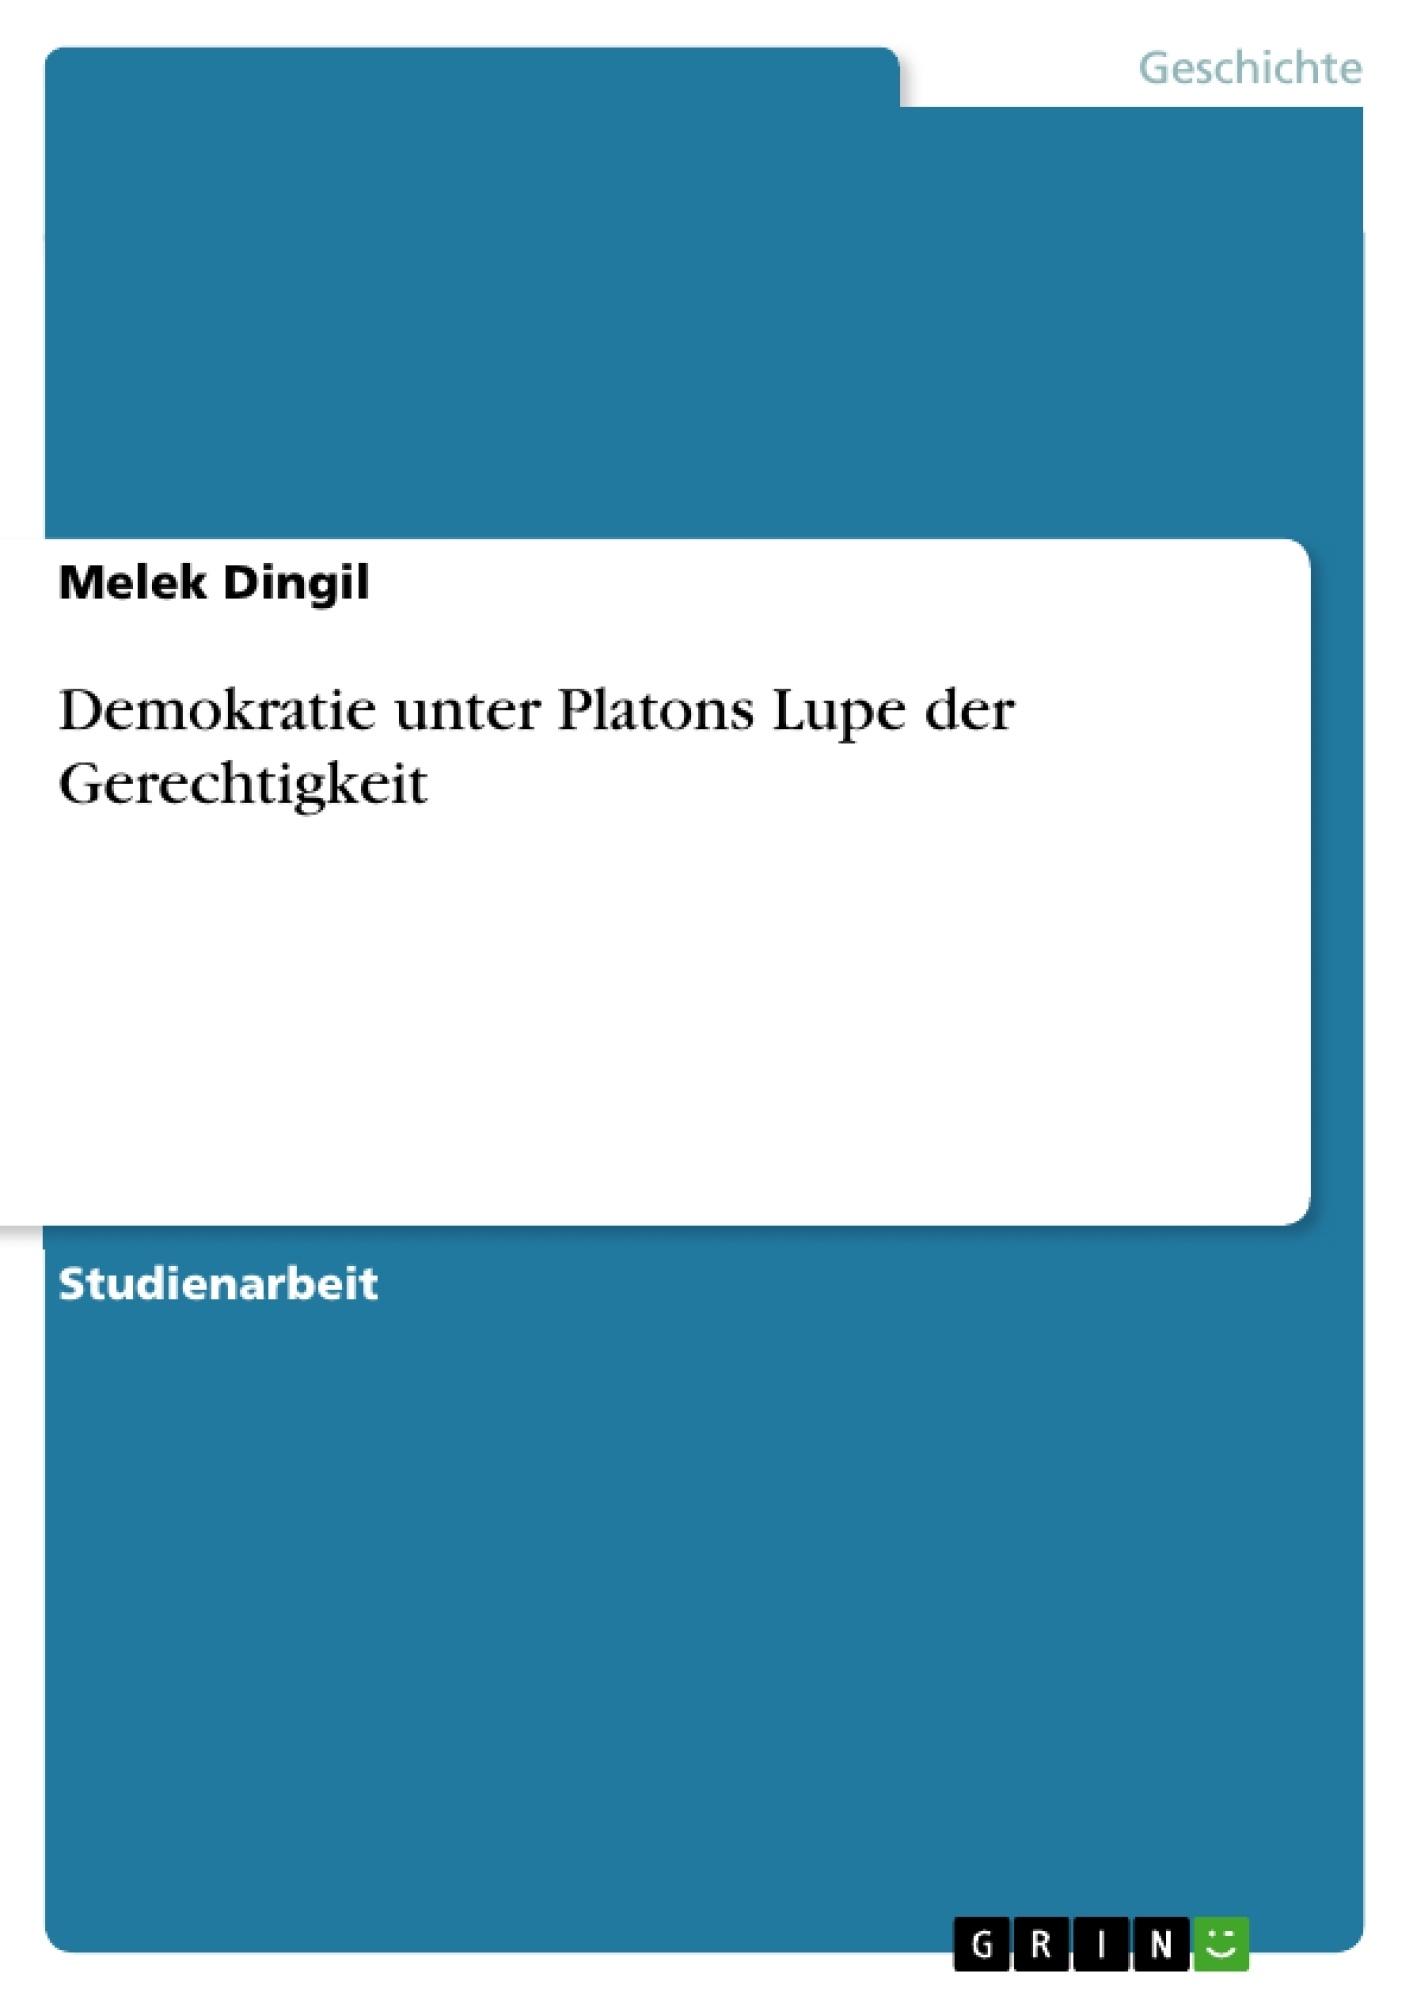 Titel: Demokratie unter Platons Lupe der Gerechtigkeit